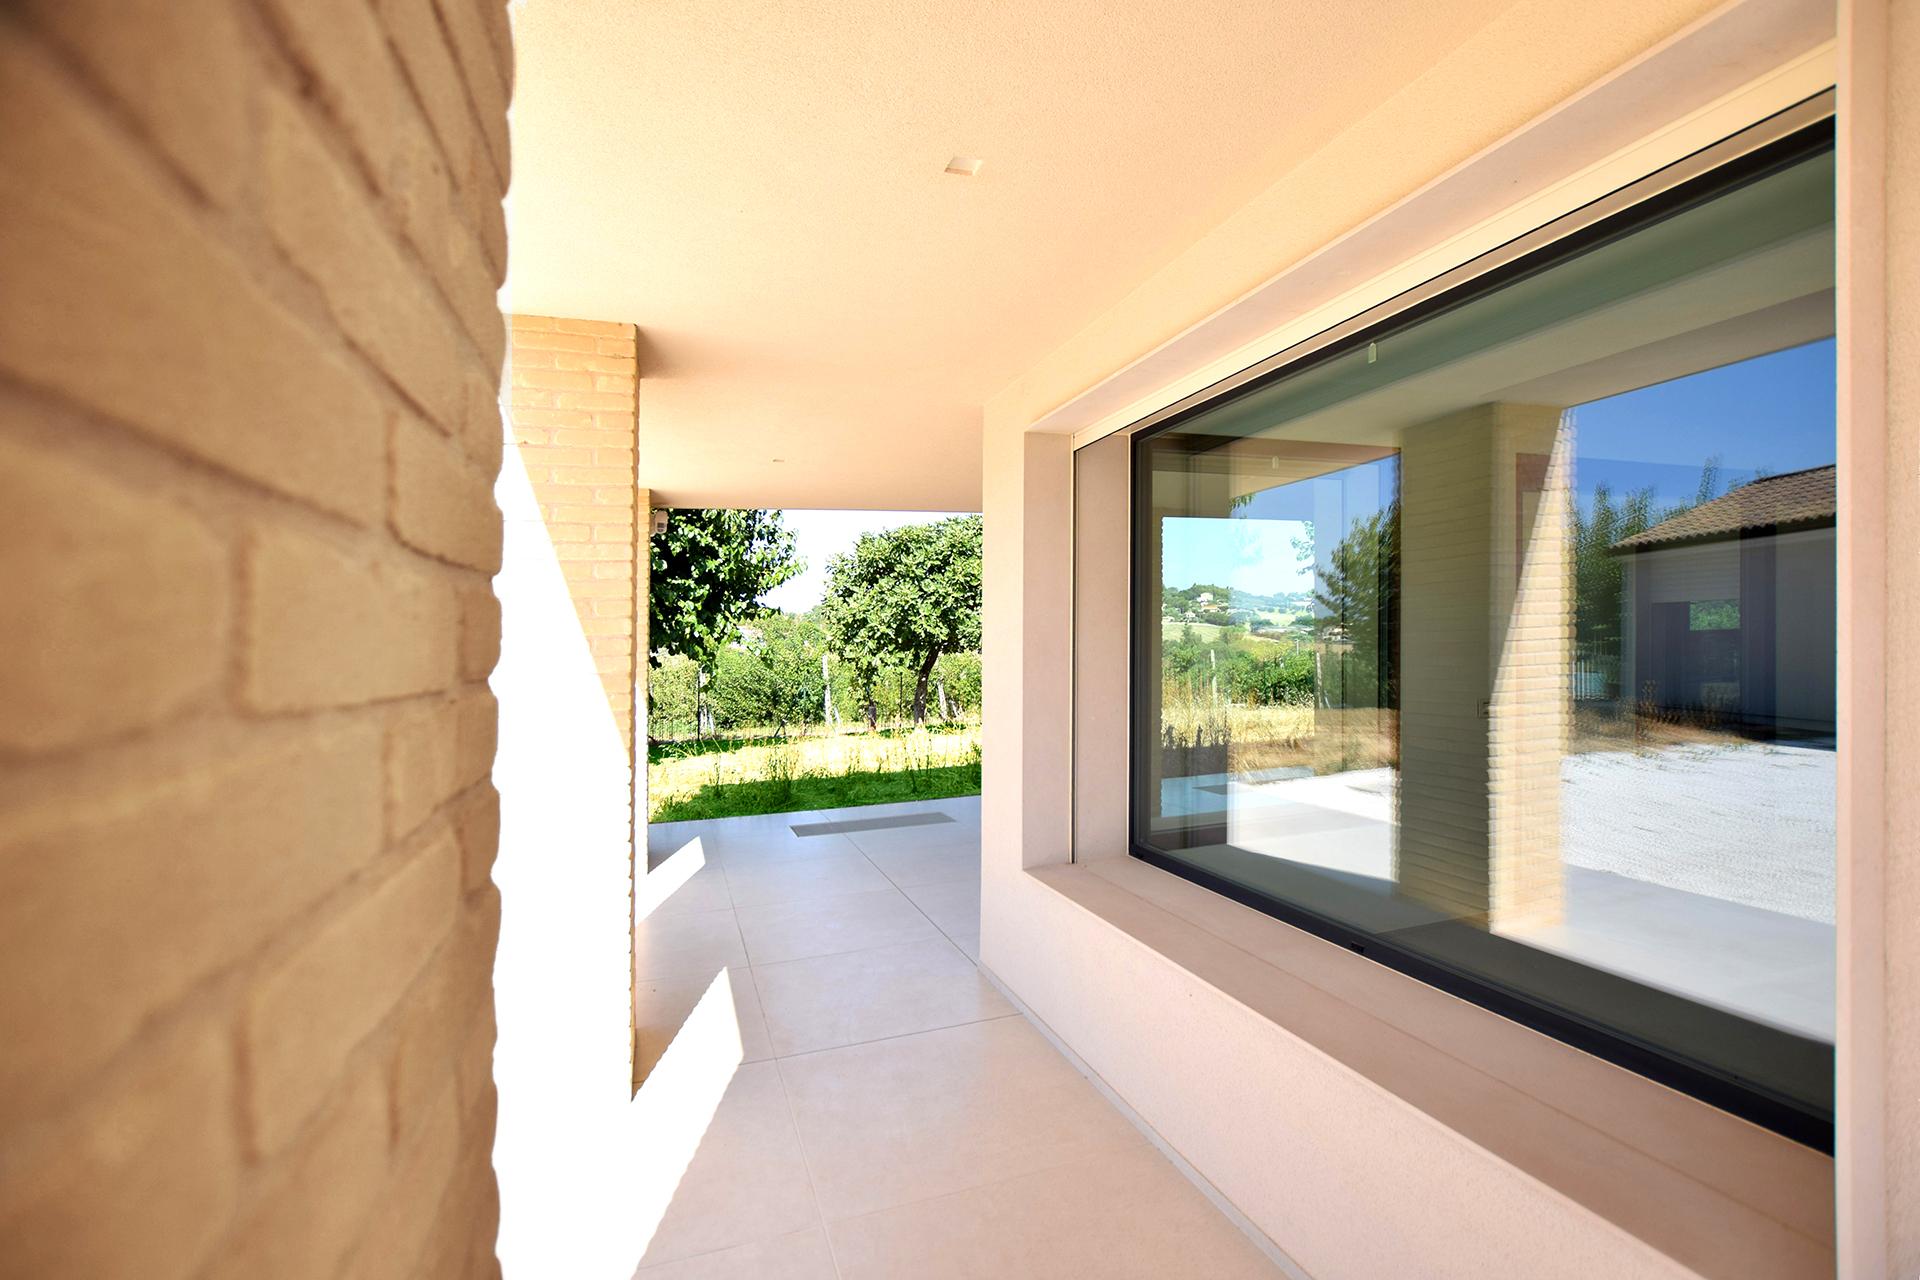 casa AI GR. il portico all'ingresso è caratterizzato da ampie finestre vetrate che garantiscono una prosecuzione del giardino anche all'interno dell'abitazione.